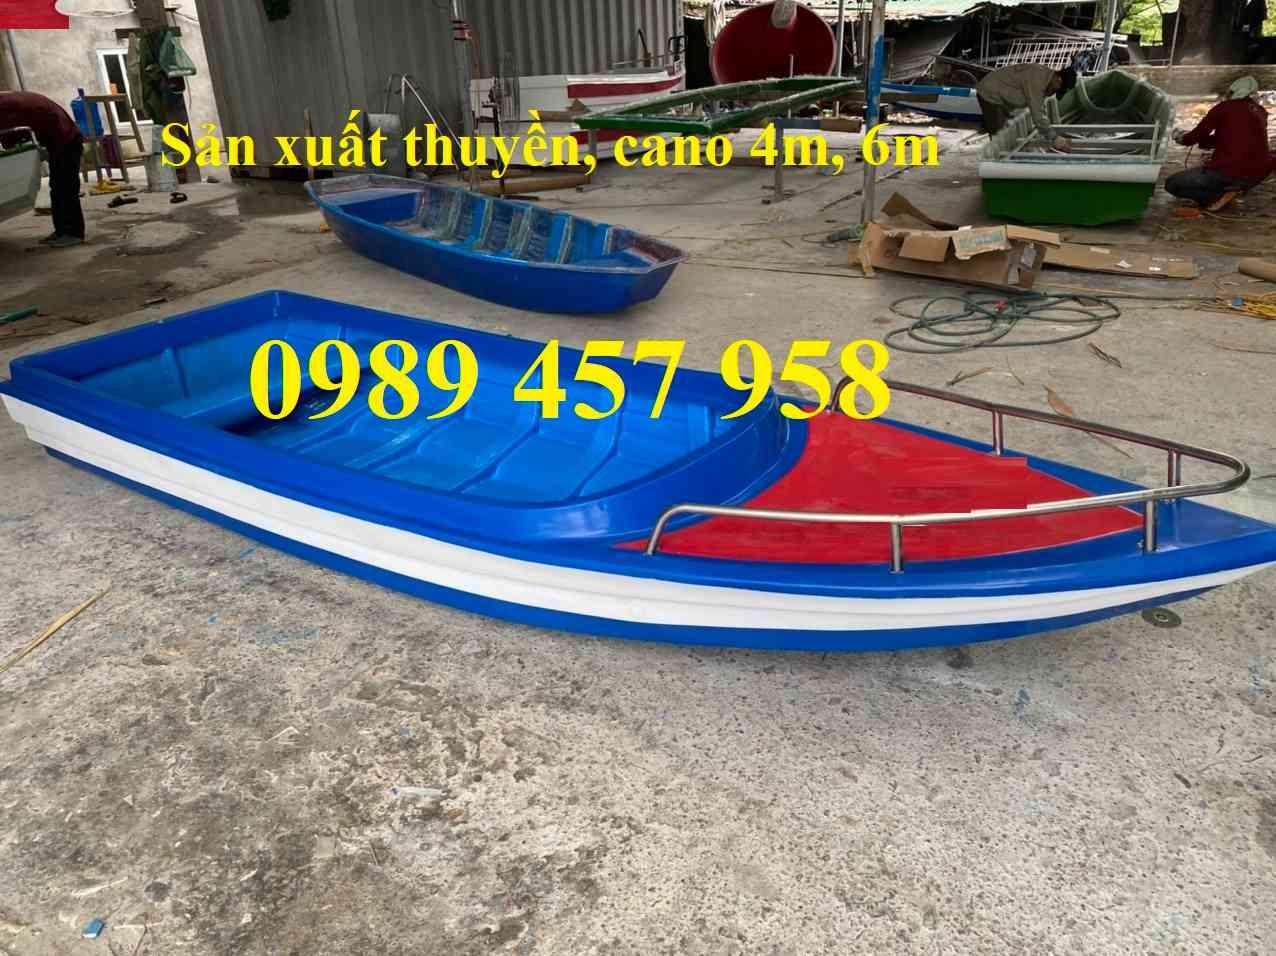 Thuyền chèo tay chở 3-4 người, Thuyền nhựa 6m chở 6-8 tại Hà Nội